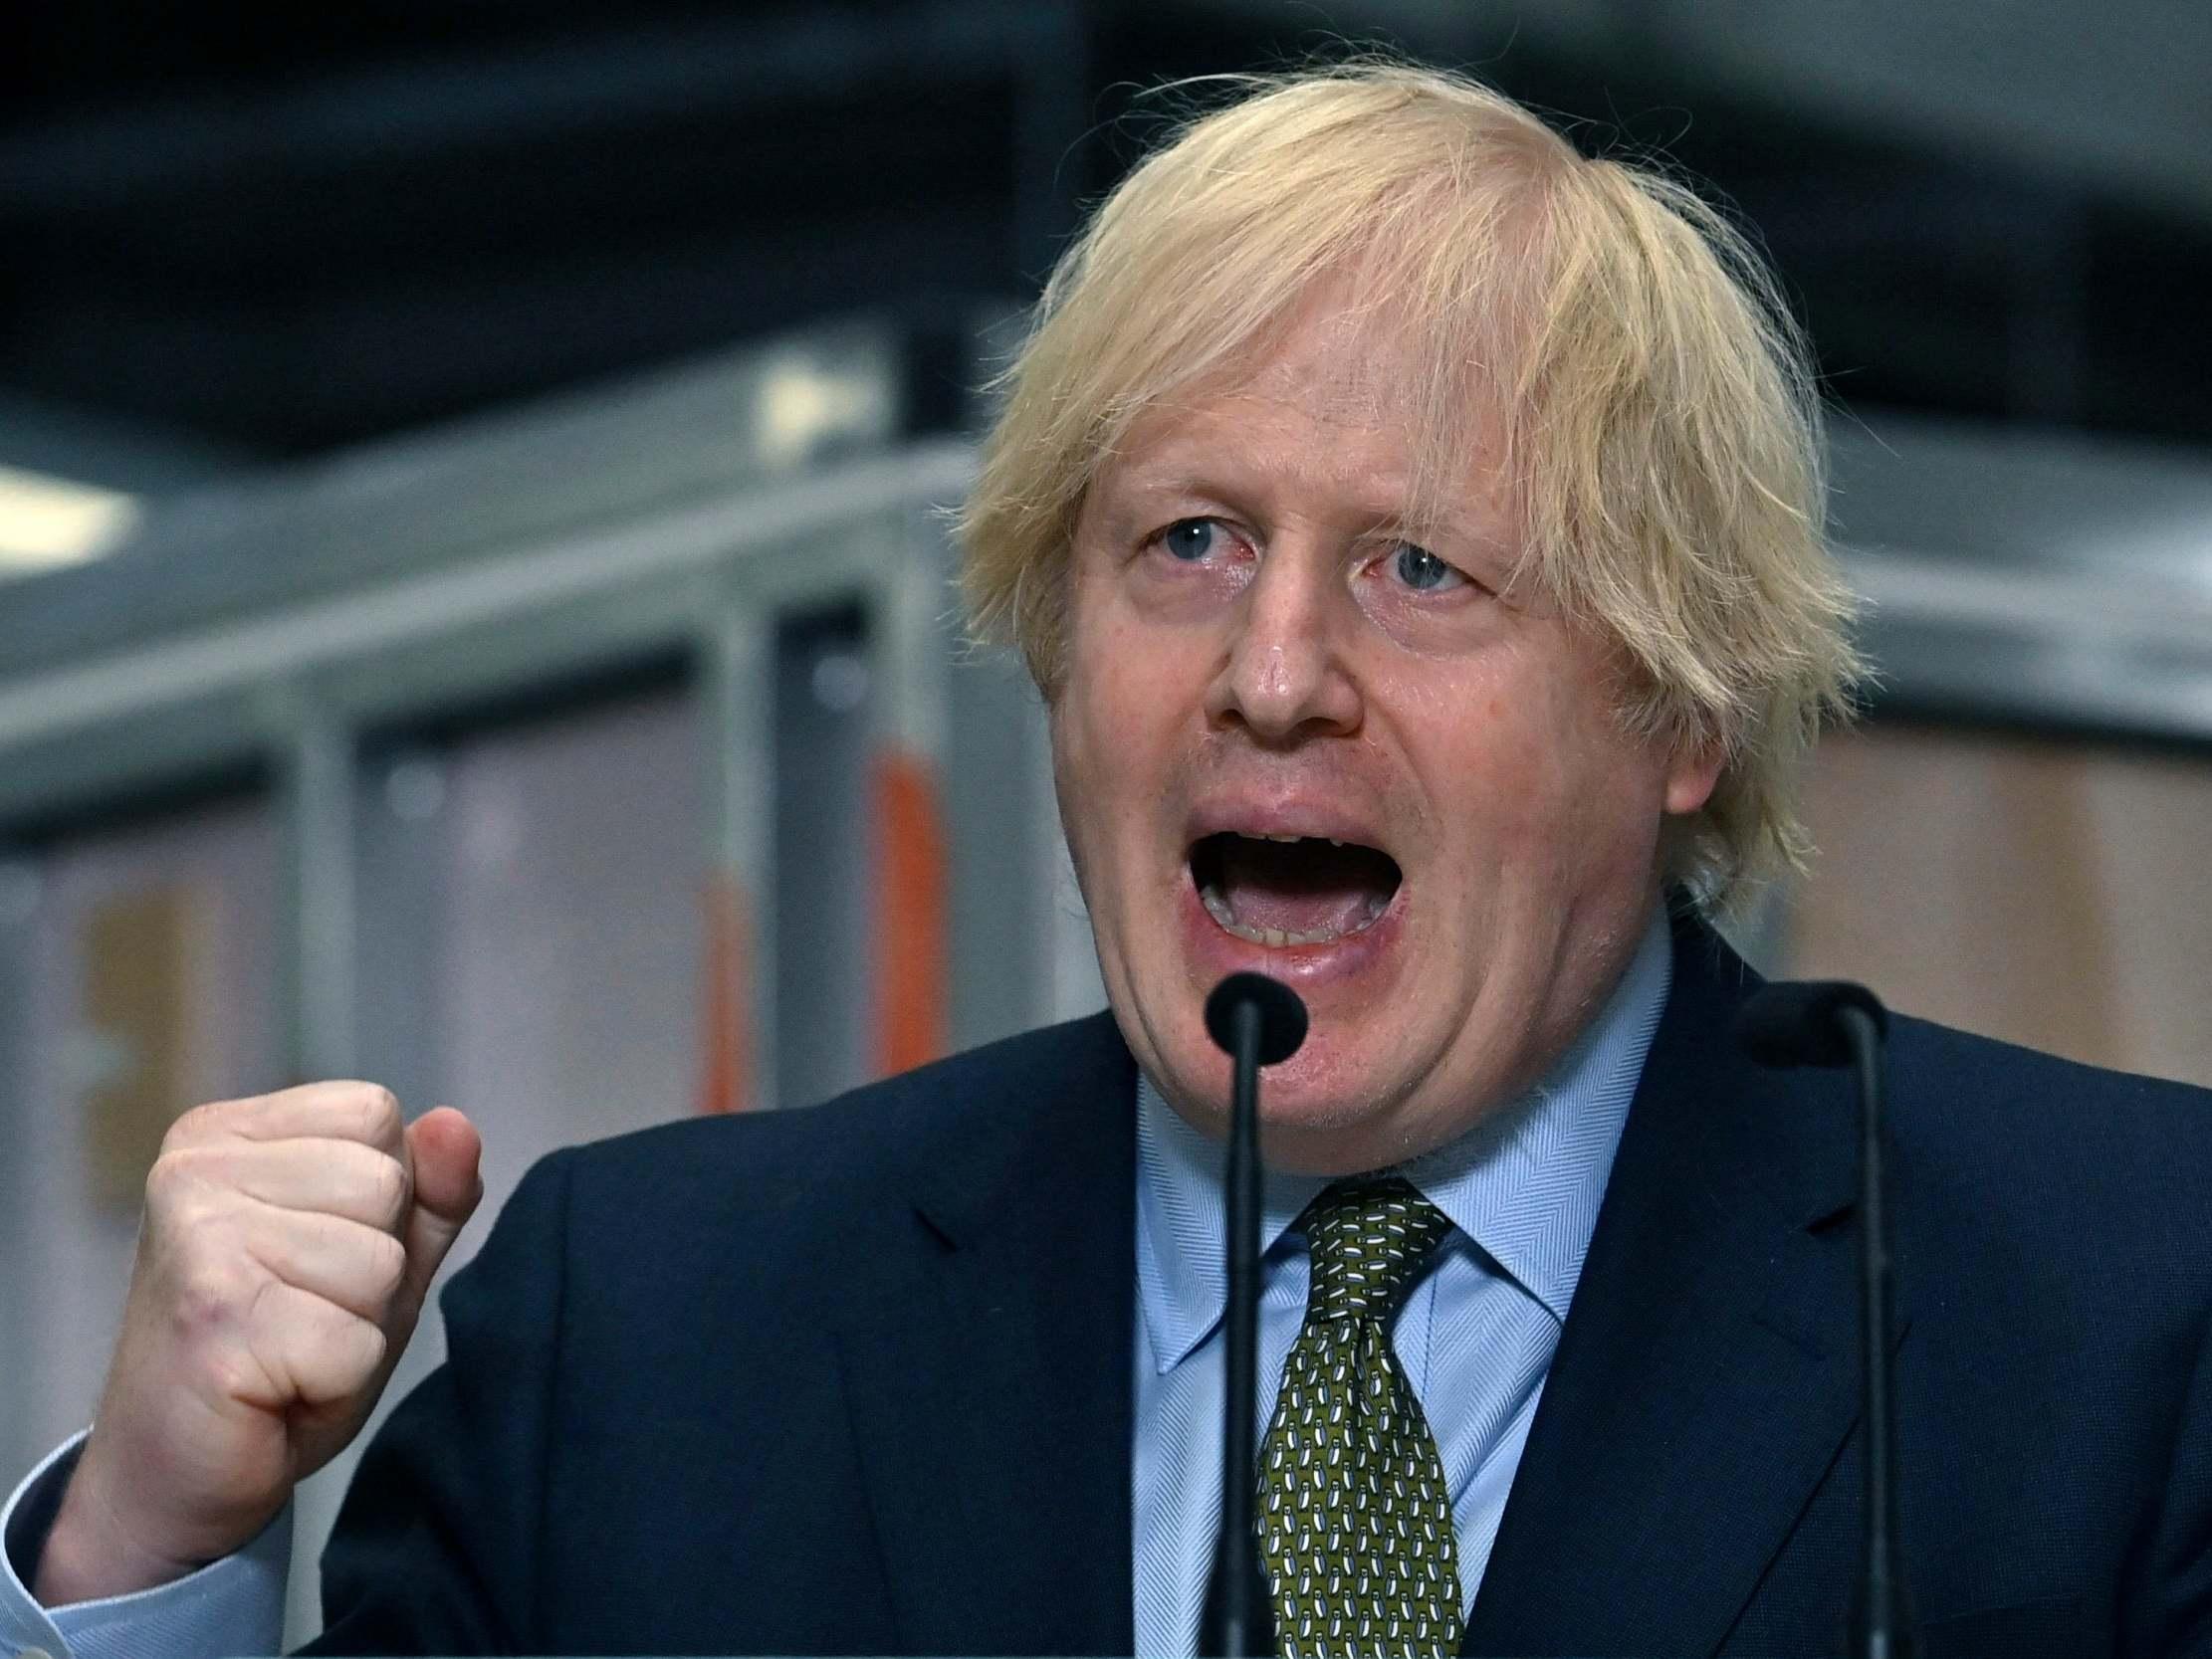 Boris Johnson urged to 'abolish' Public Health England